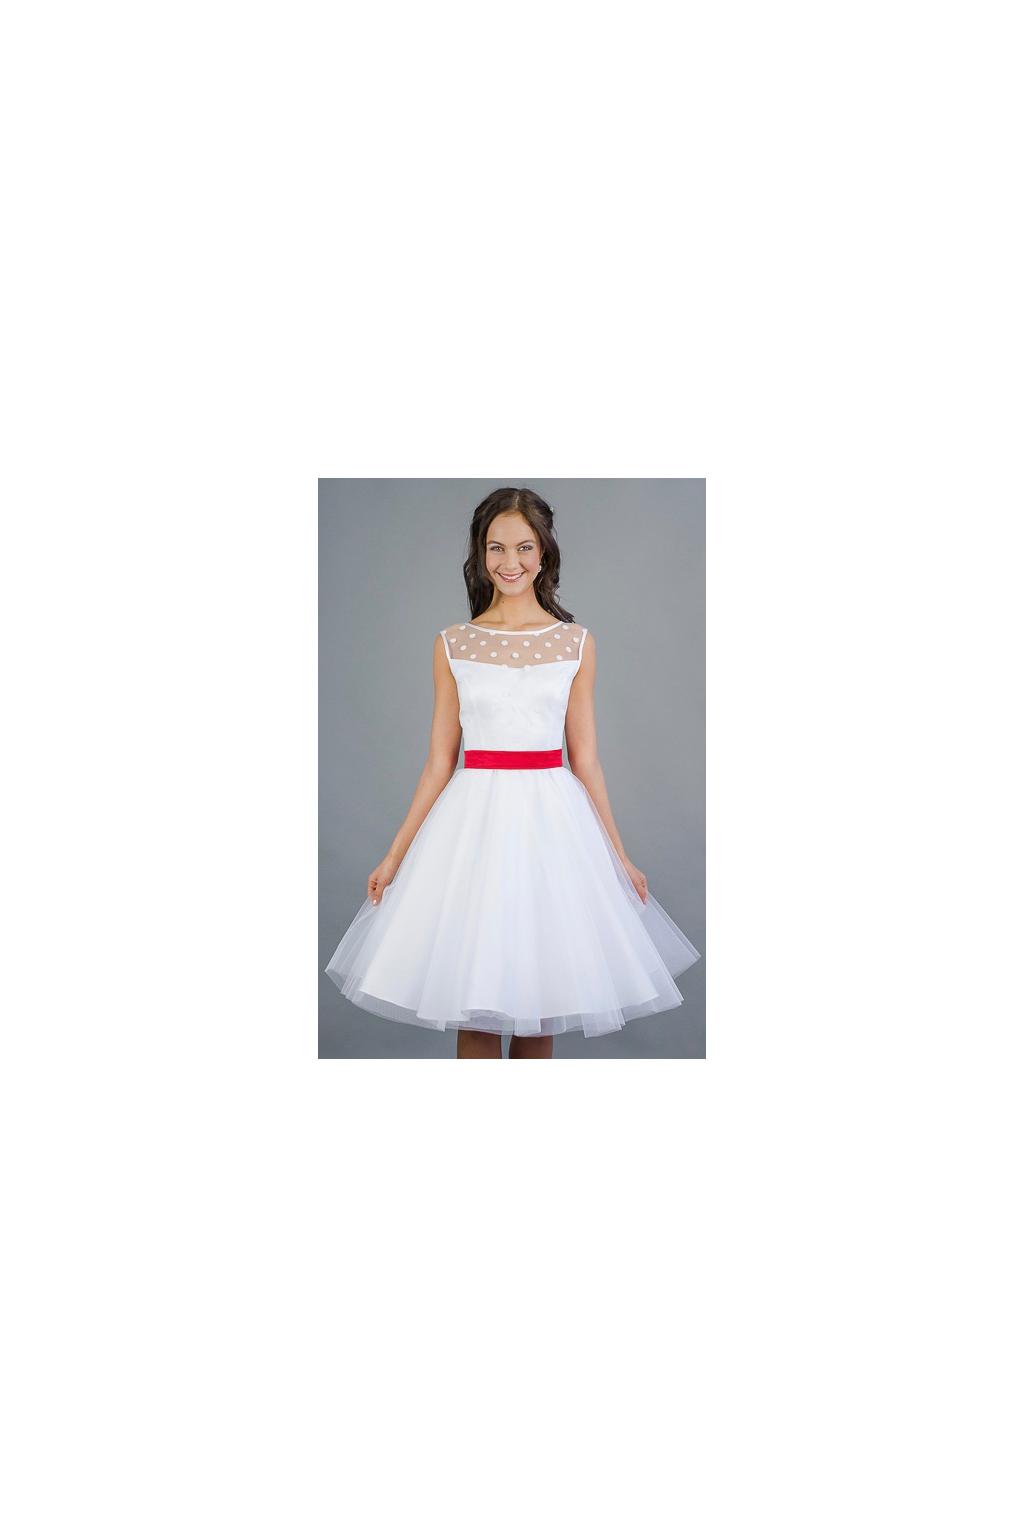 Svatební šaty s puntíkatým živůtkem a tylovou sukní.  kratke svatebni saty s puntiky 893387c0c7